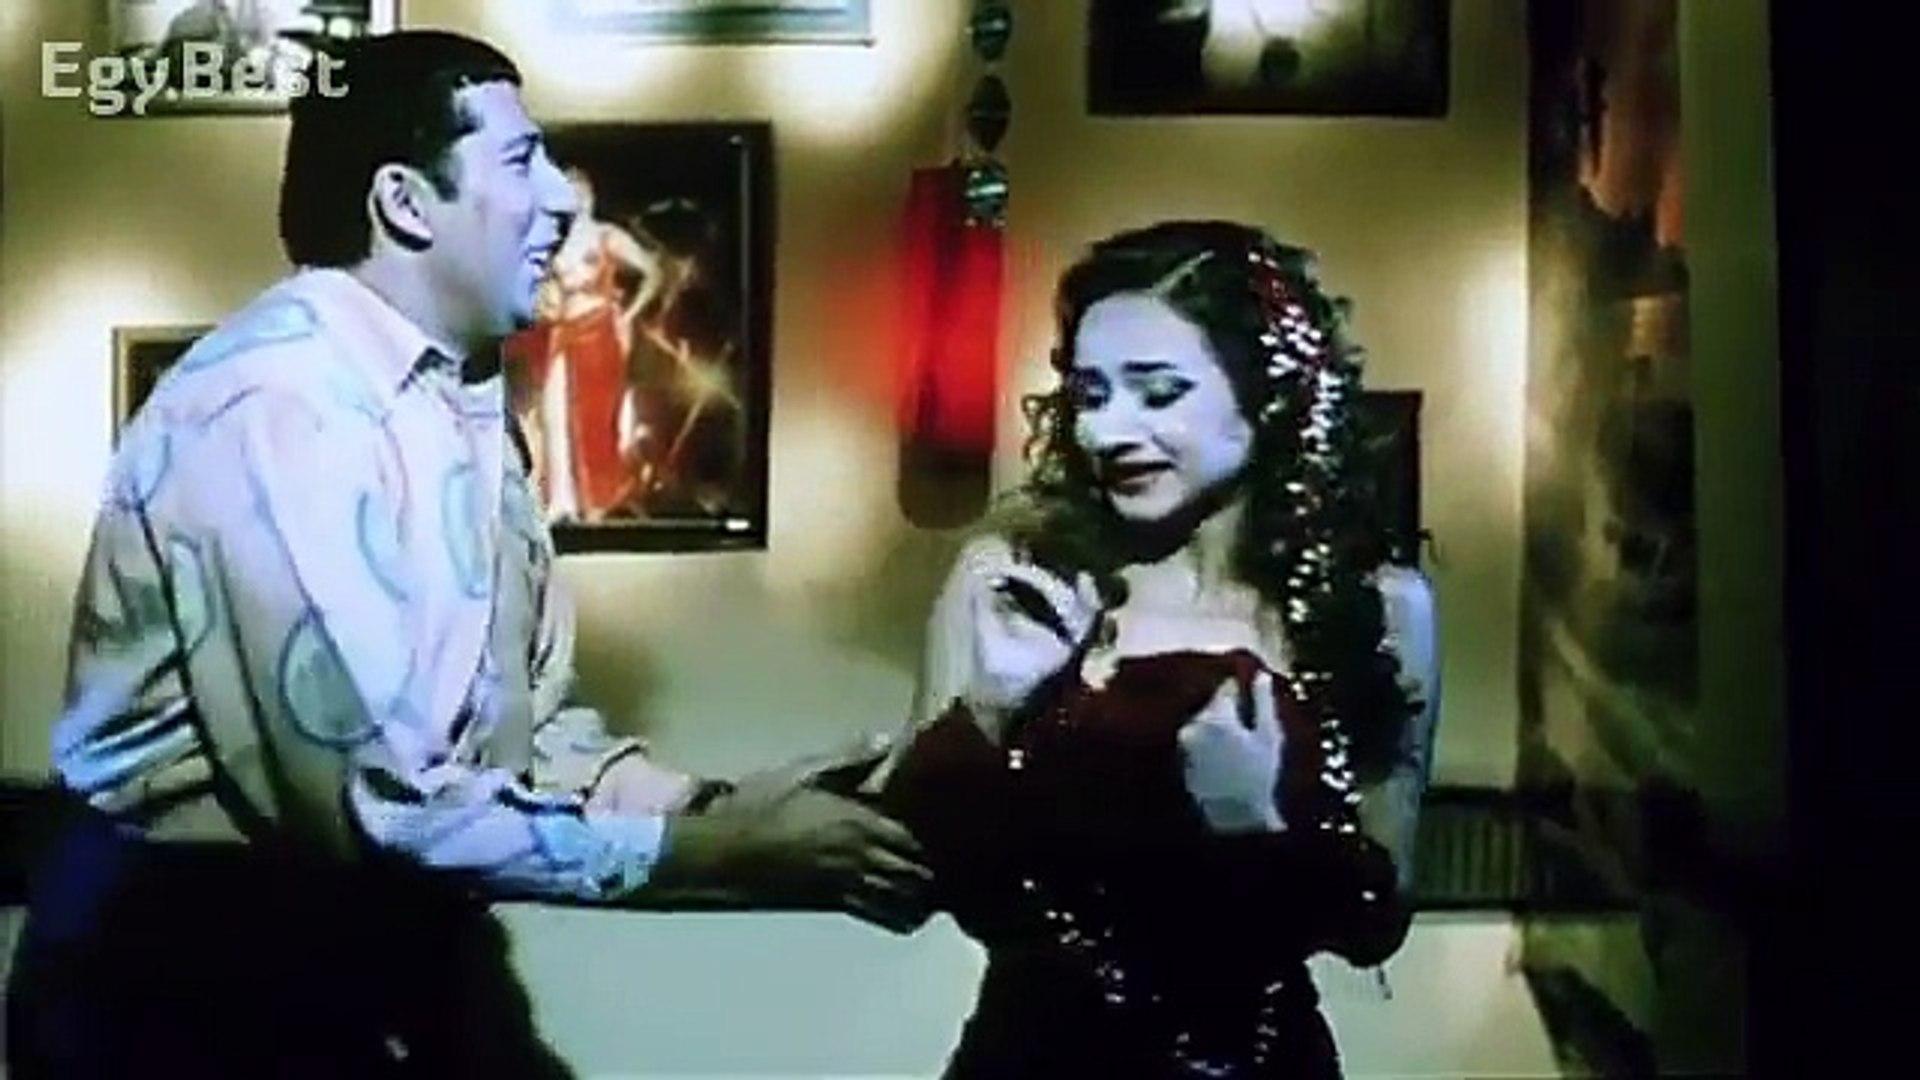 فيلم غبى منة فى بطولة هانى رمزى و حسن حسنى و نيلى كريم By Tumari Punday